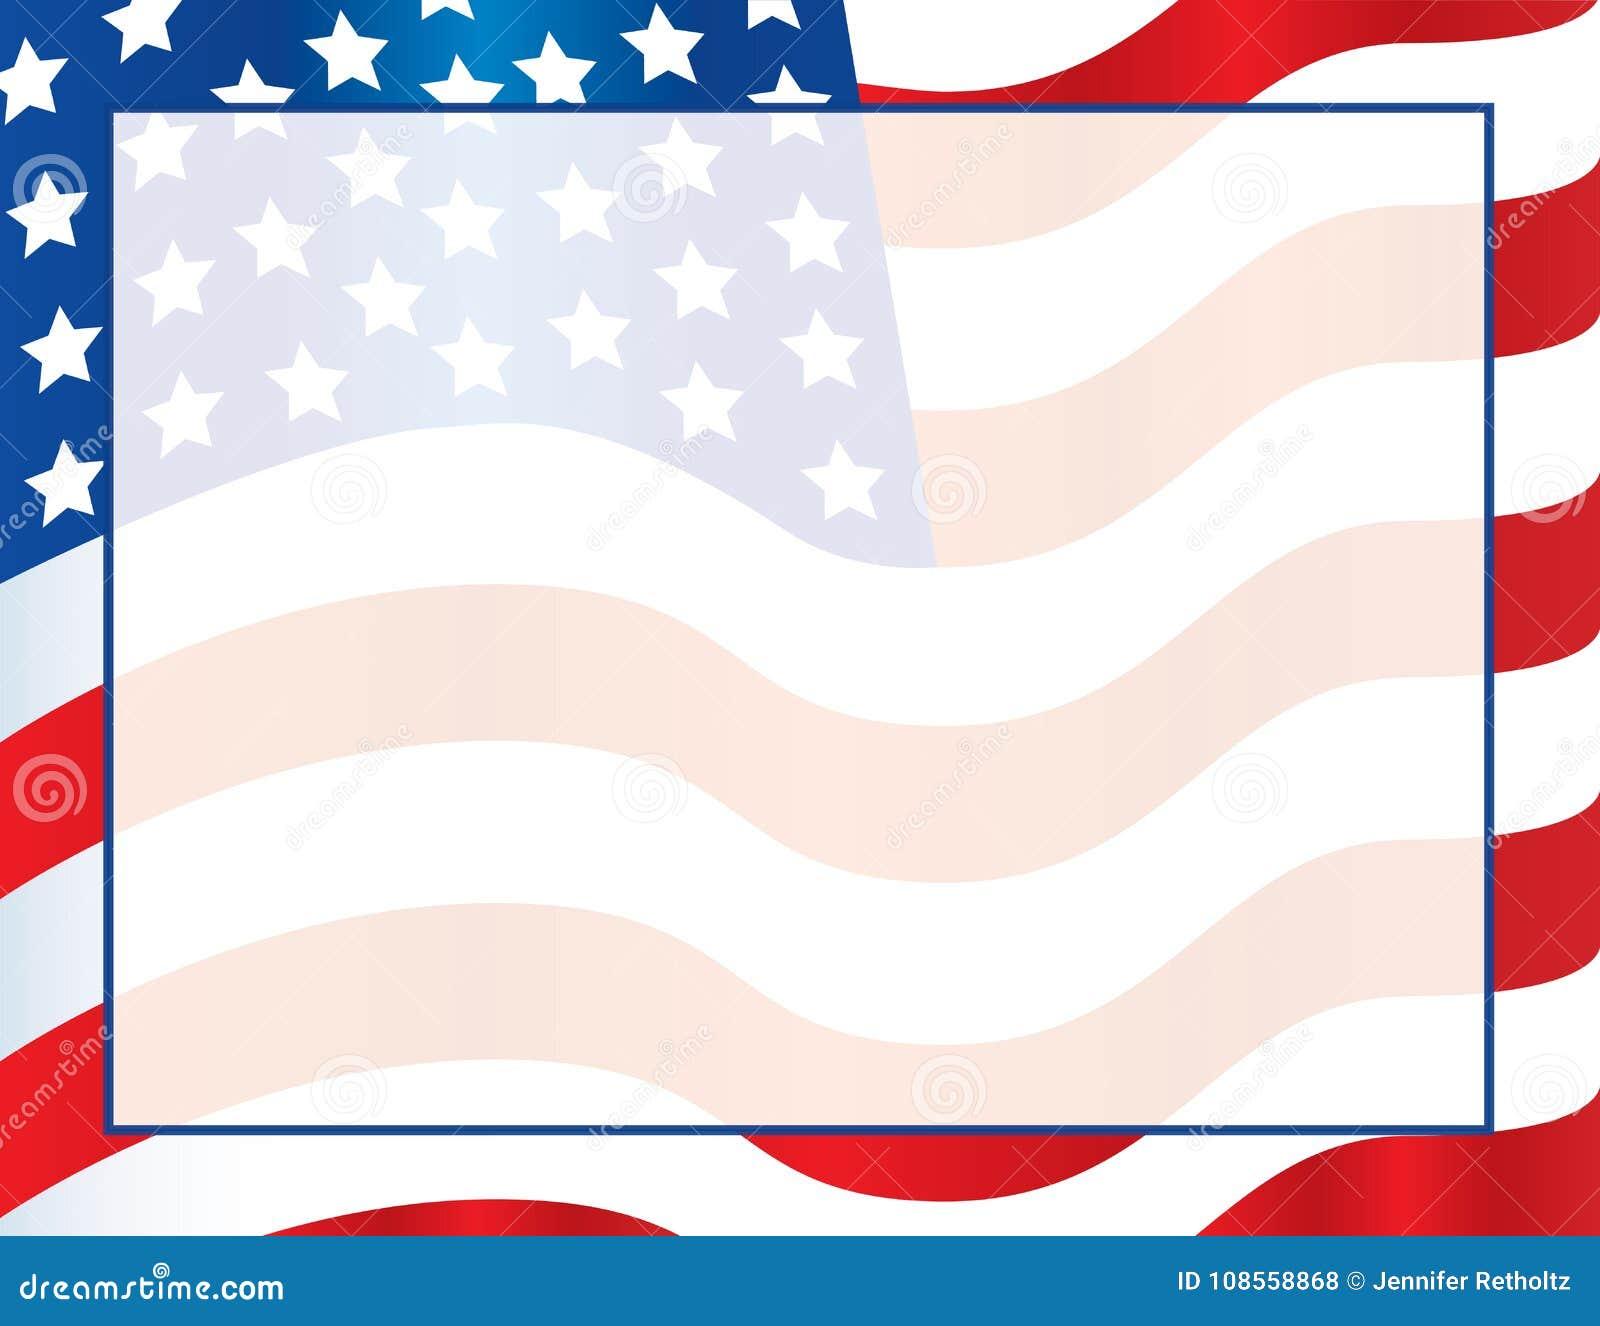 american flag template poster or postcard background. Black Bedroom Furniture Sets. Home Design Ideas